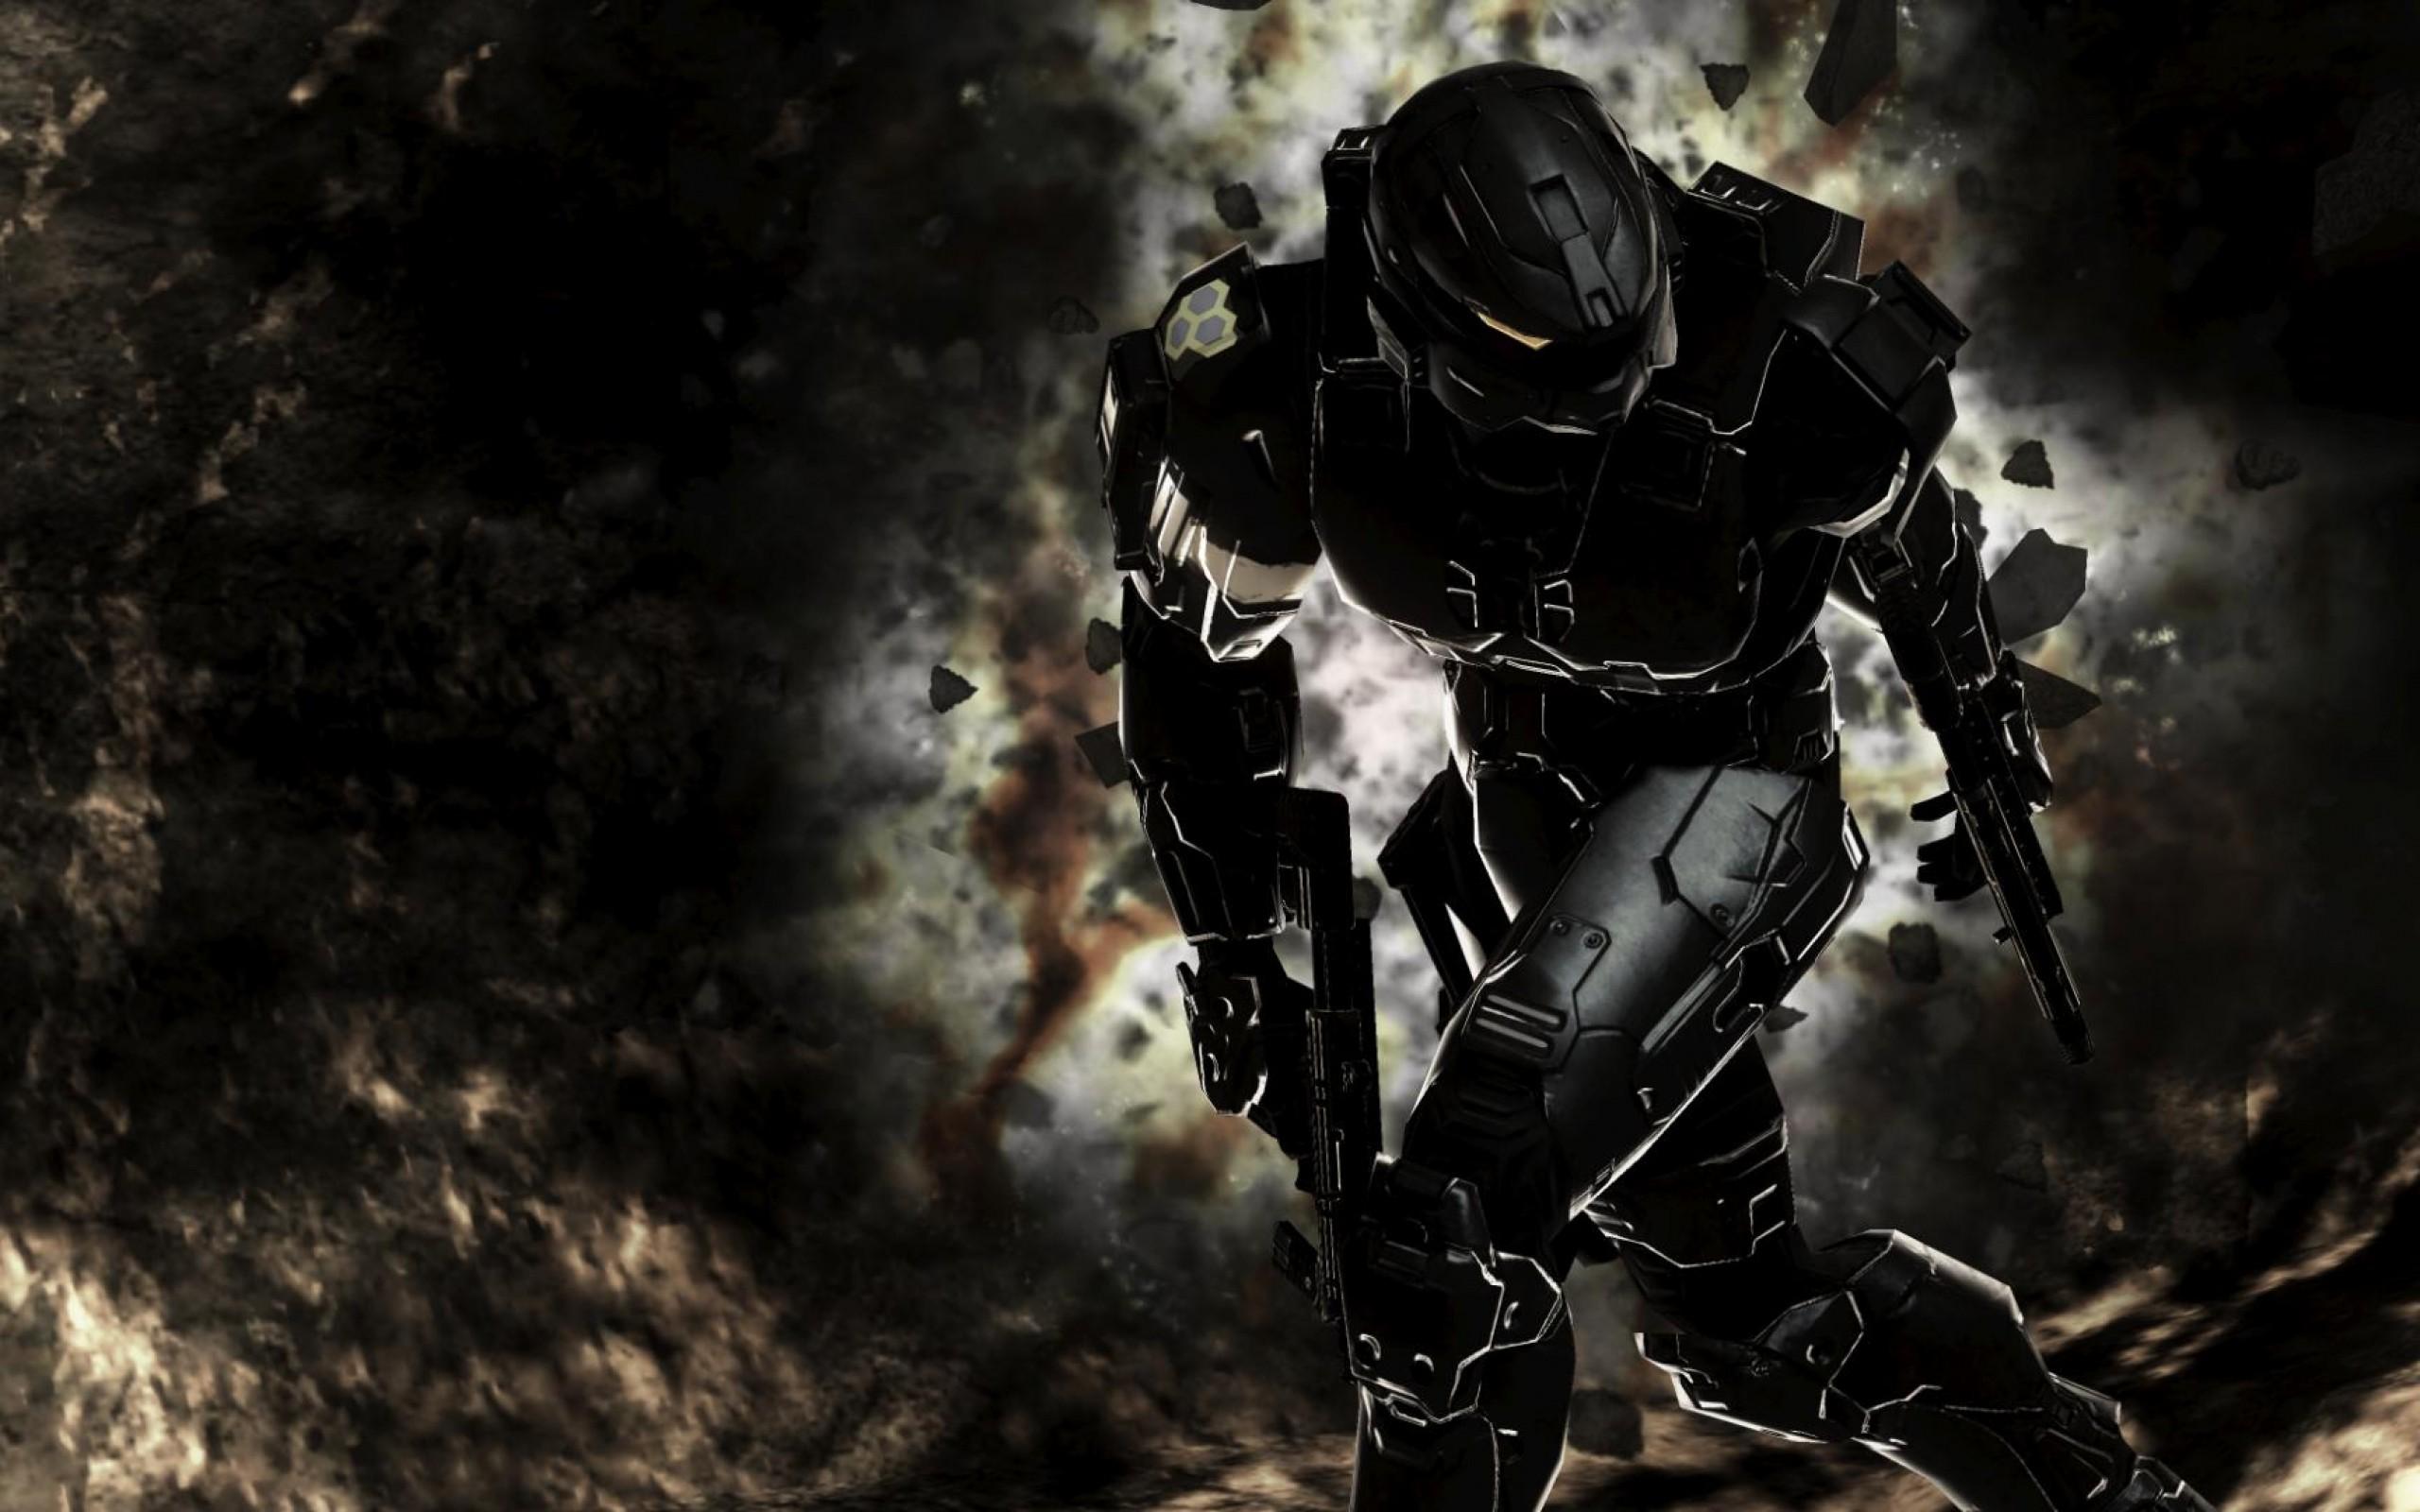 Wallpaper Soldier Master Chief Halo 3 Darkness Spartan